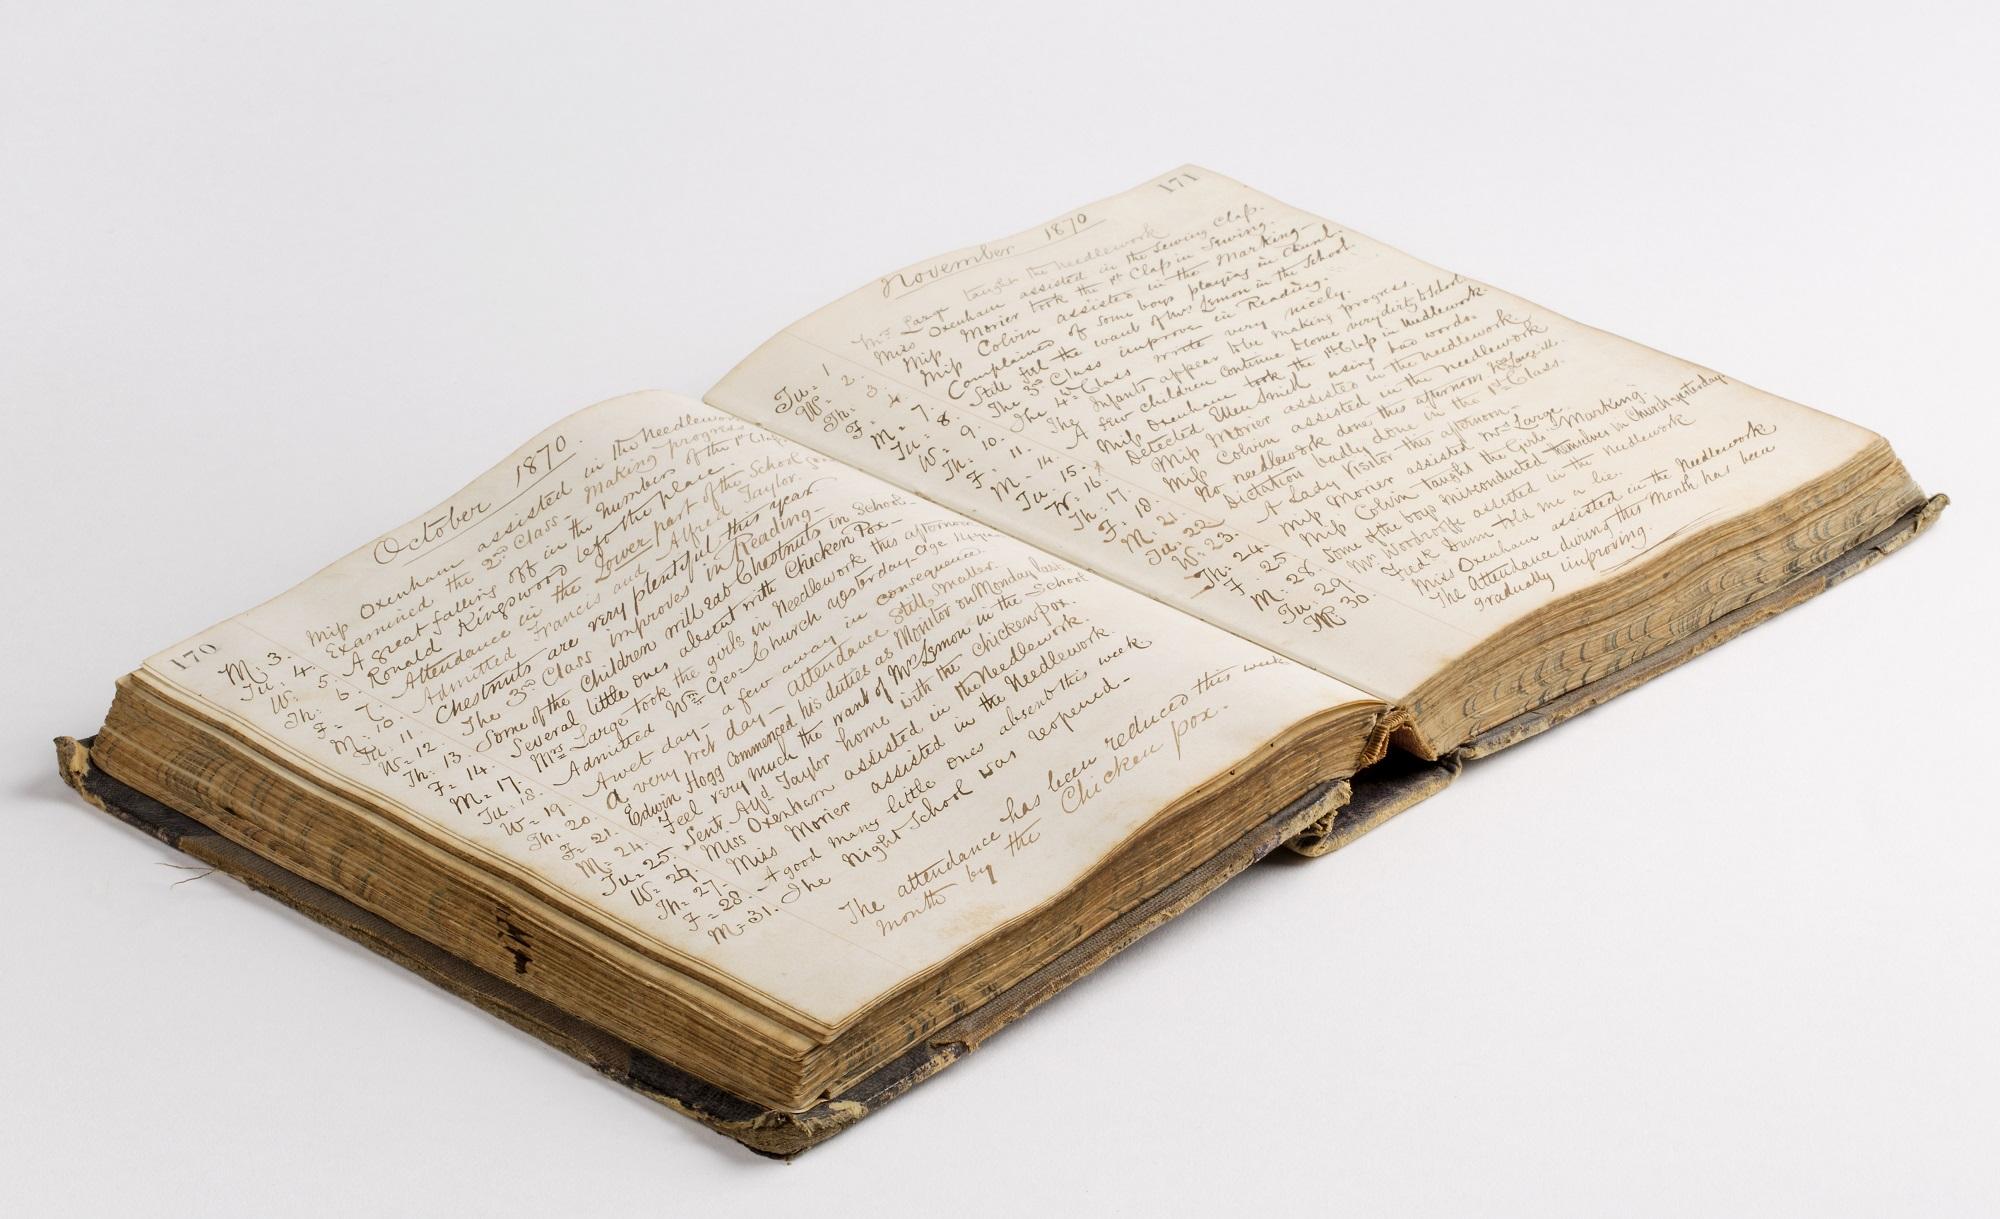 Inside the Oatlands School log book, 1862-1883.